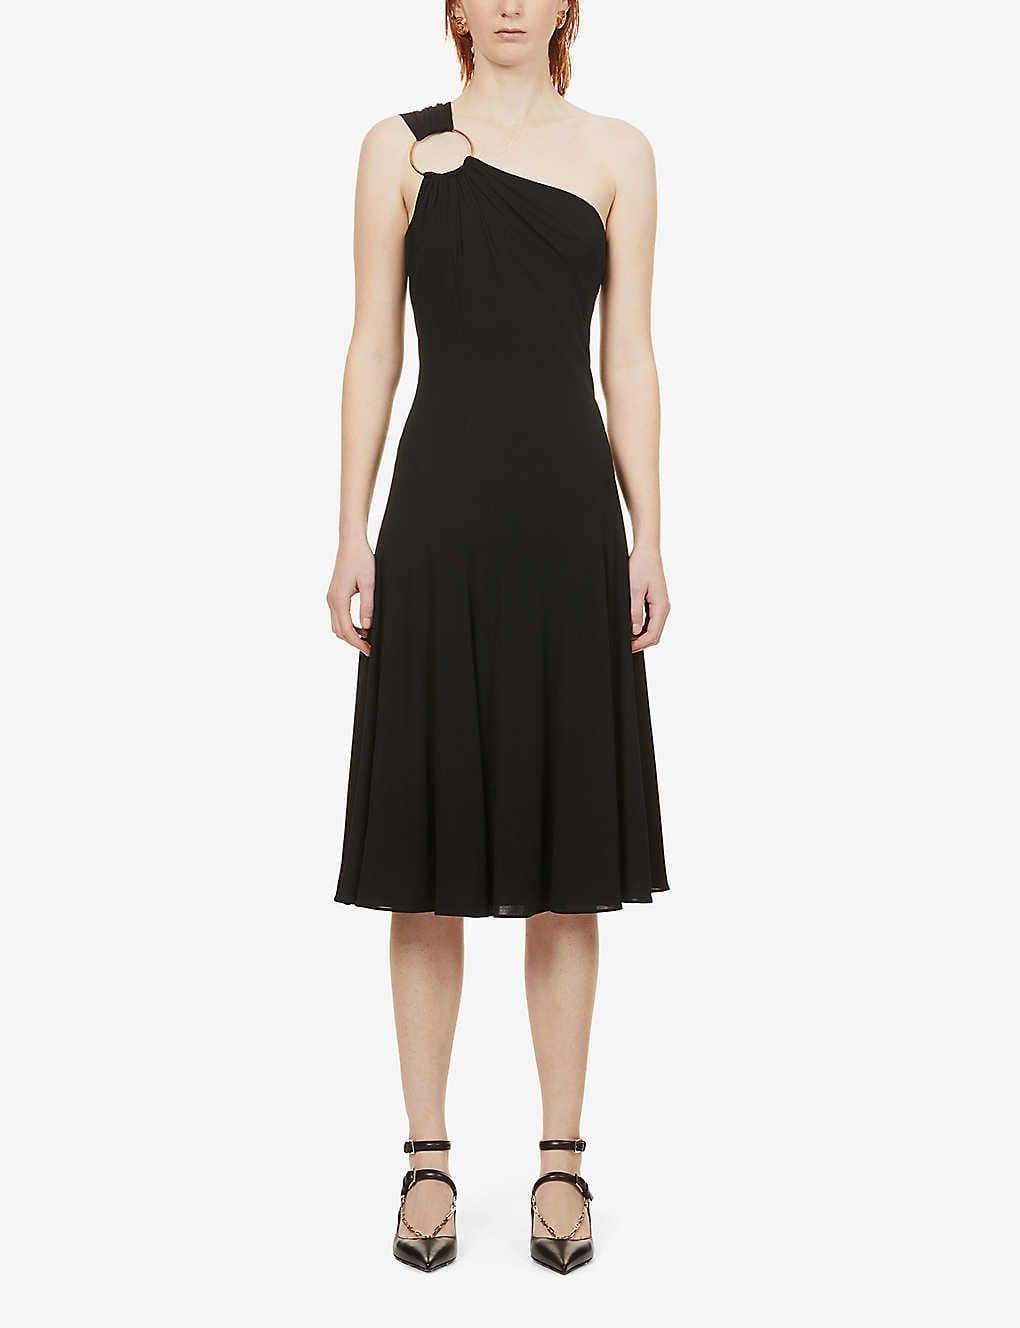 VERSACE One-shoulder Hoop-embellished Stretch-knit Midi Dress